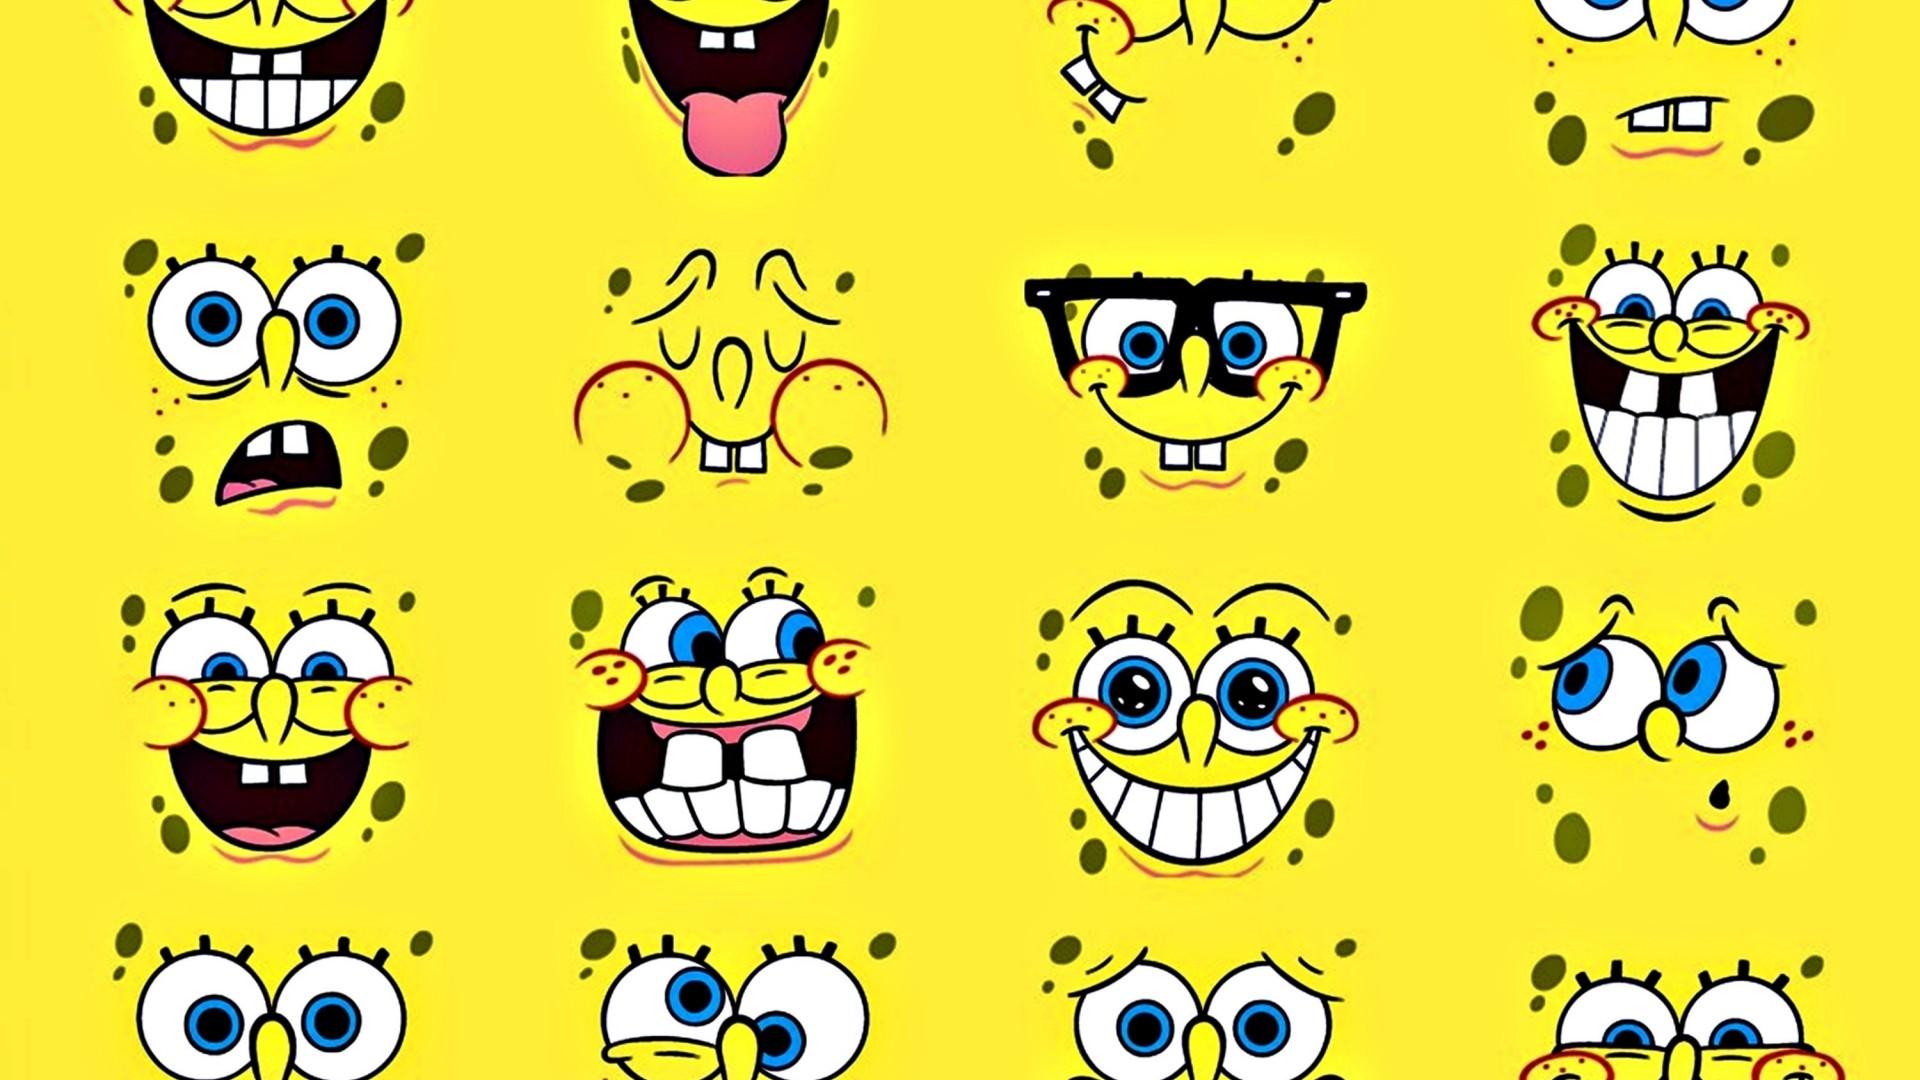 Spongebob Iphone Wallpaper Free Wallpaper Download 1920x1080